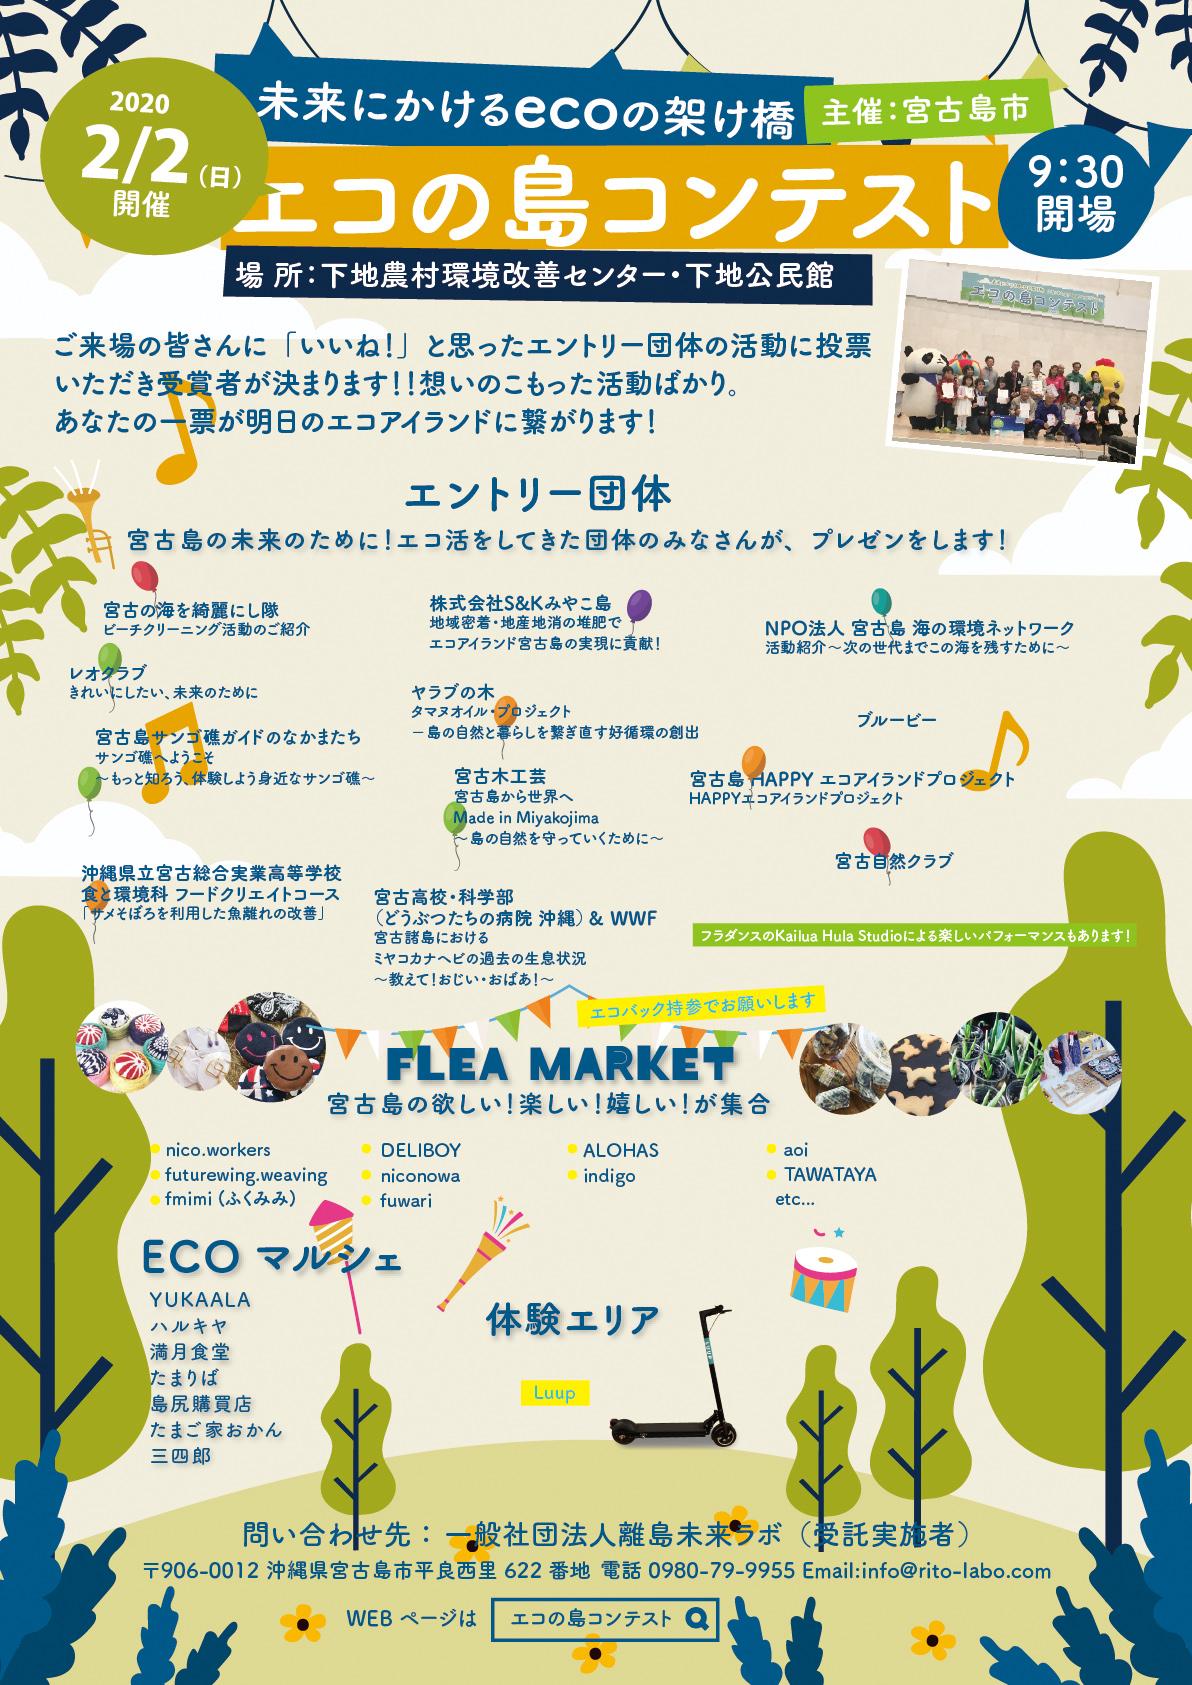 【エコの島コンテスト開催のお知らせ!!】